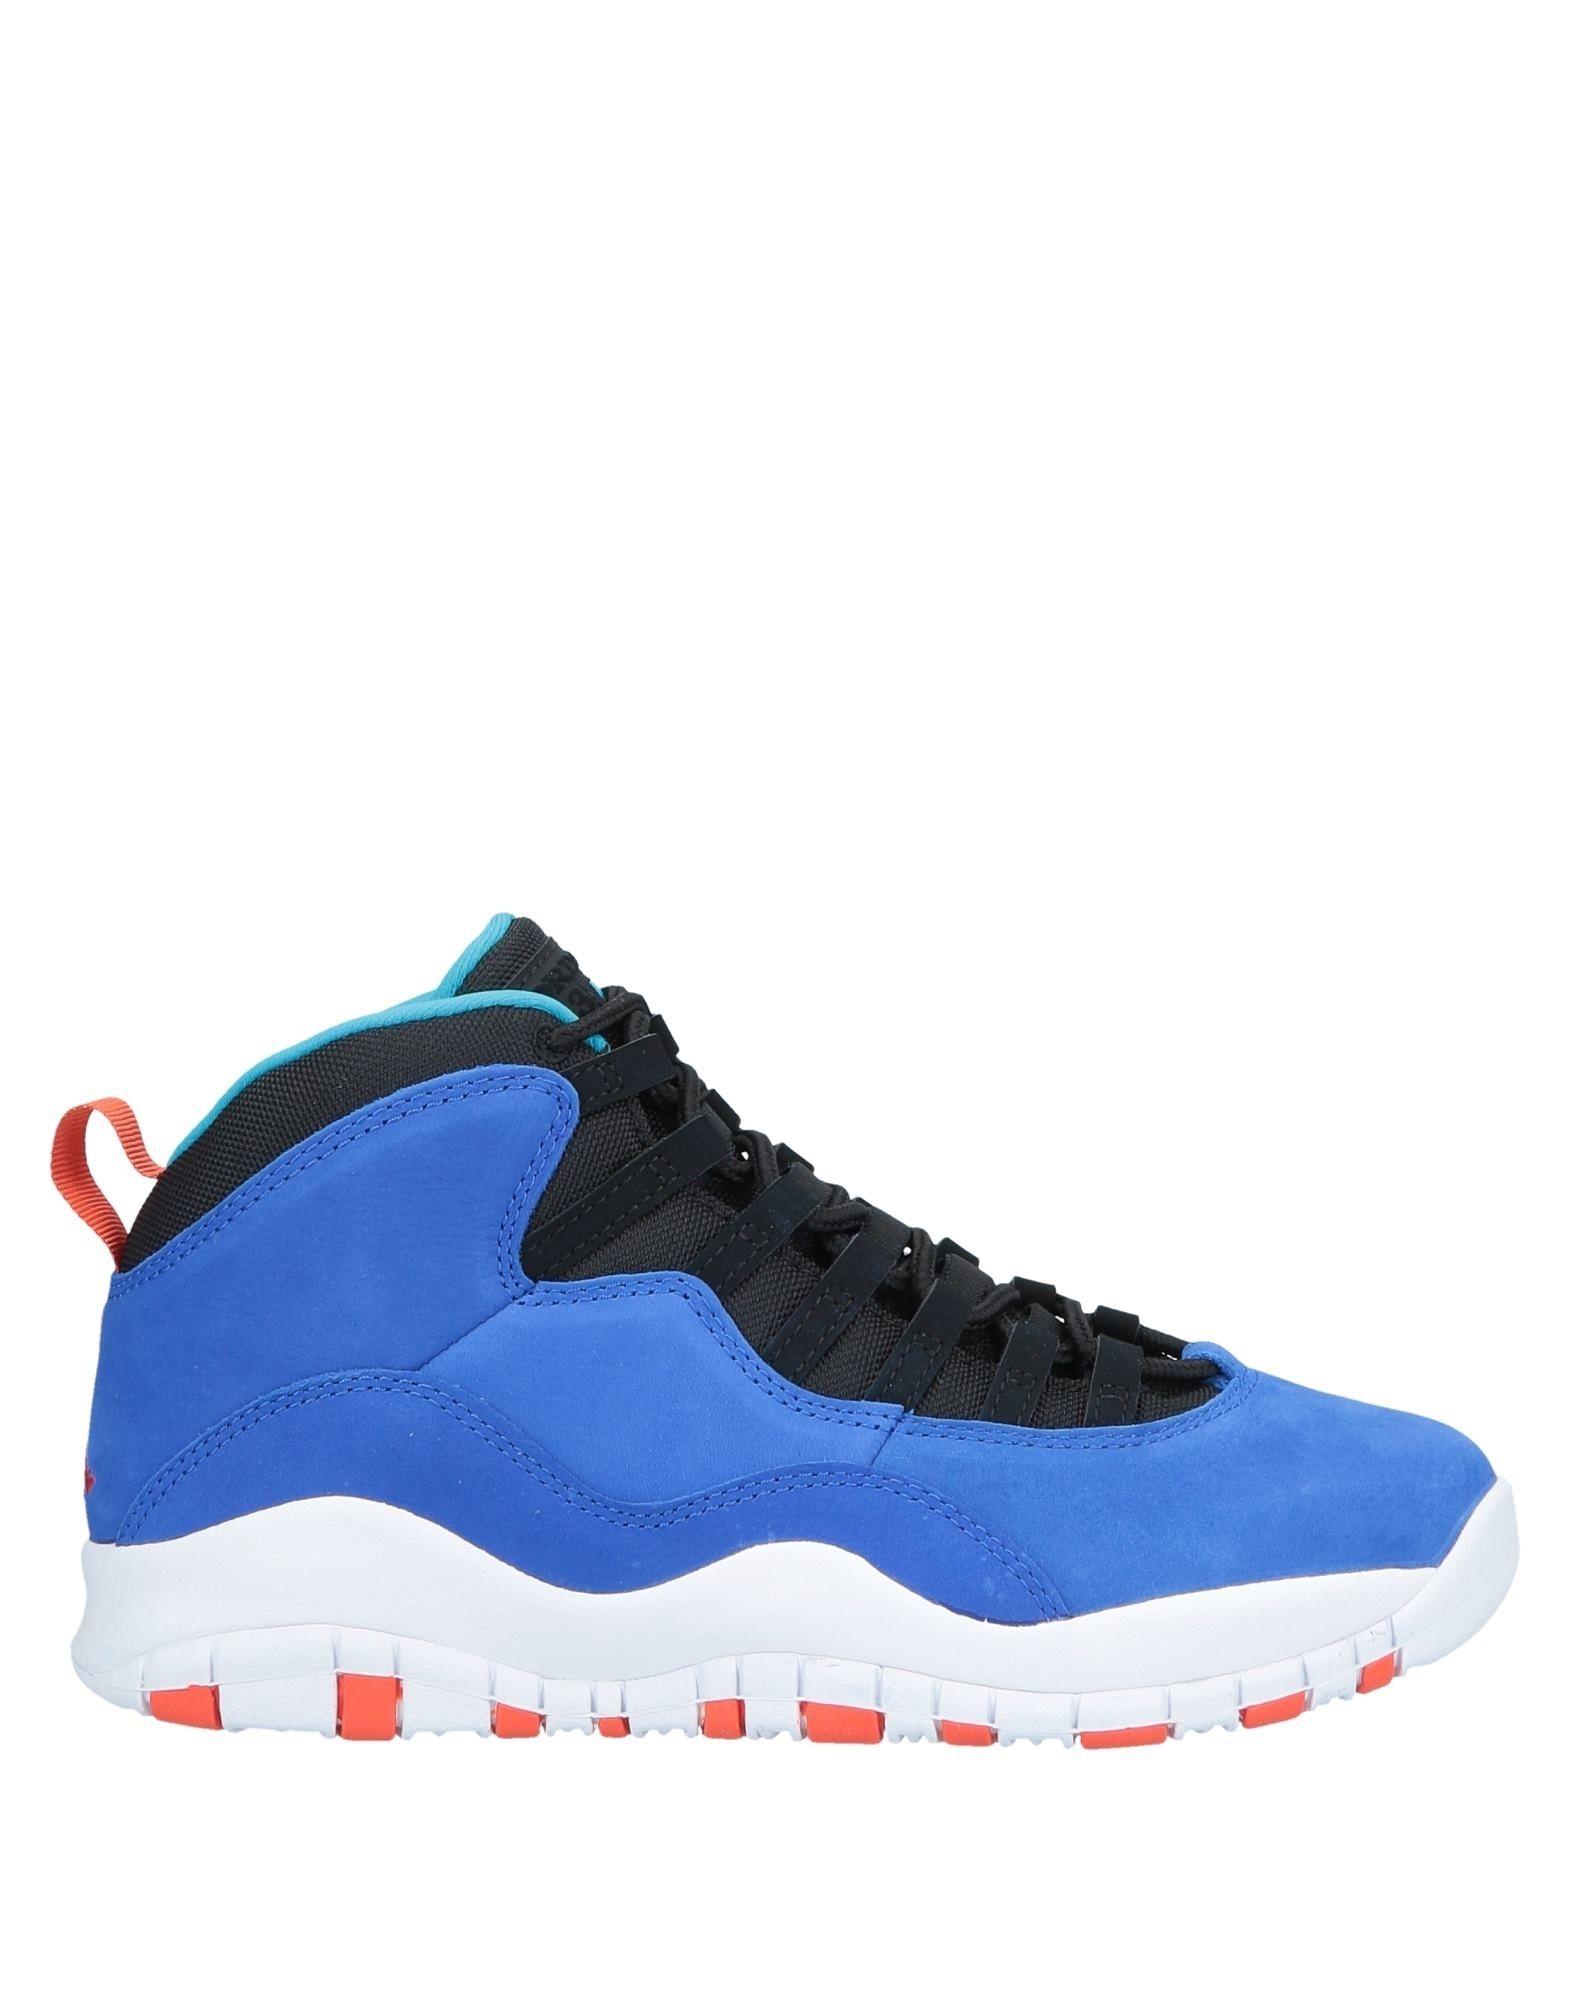 JORDAN Высокие кеды и кроссовки баскетбольные кроссовки nike air jordan jordan 11 legend blue aj11 378037 378038 117